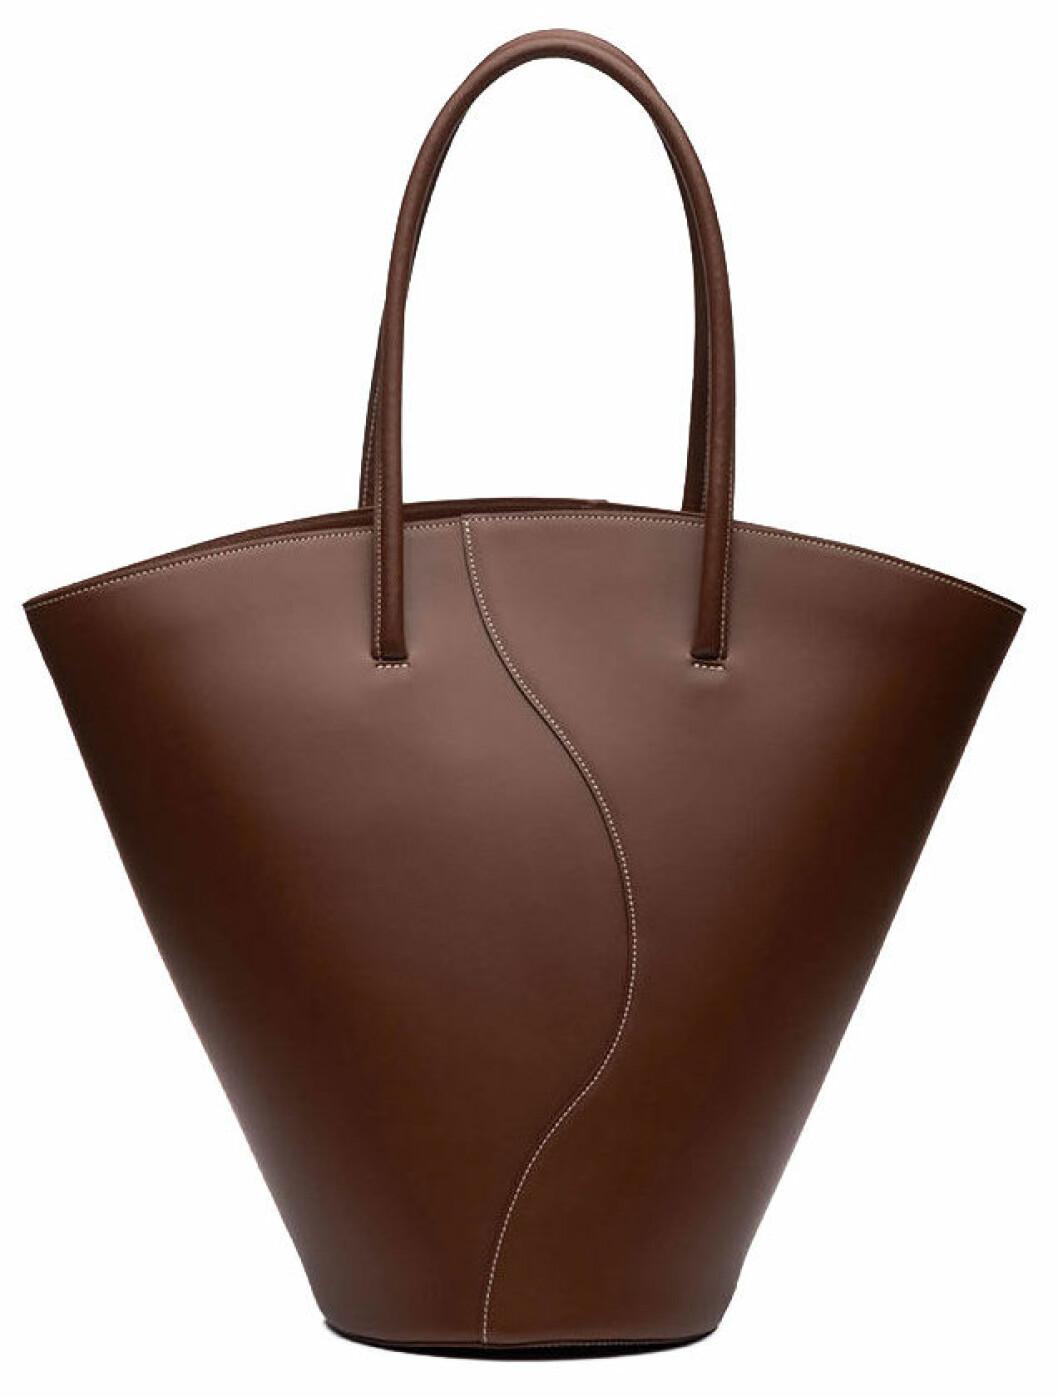 brun stor väska från little liffner